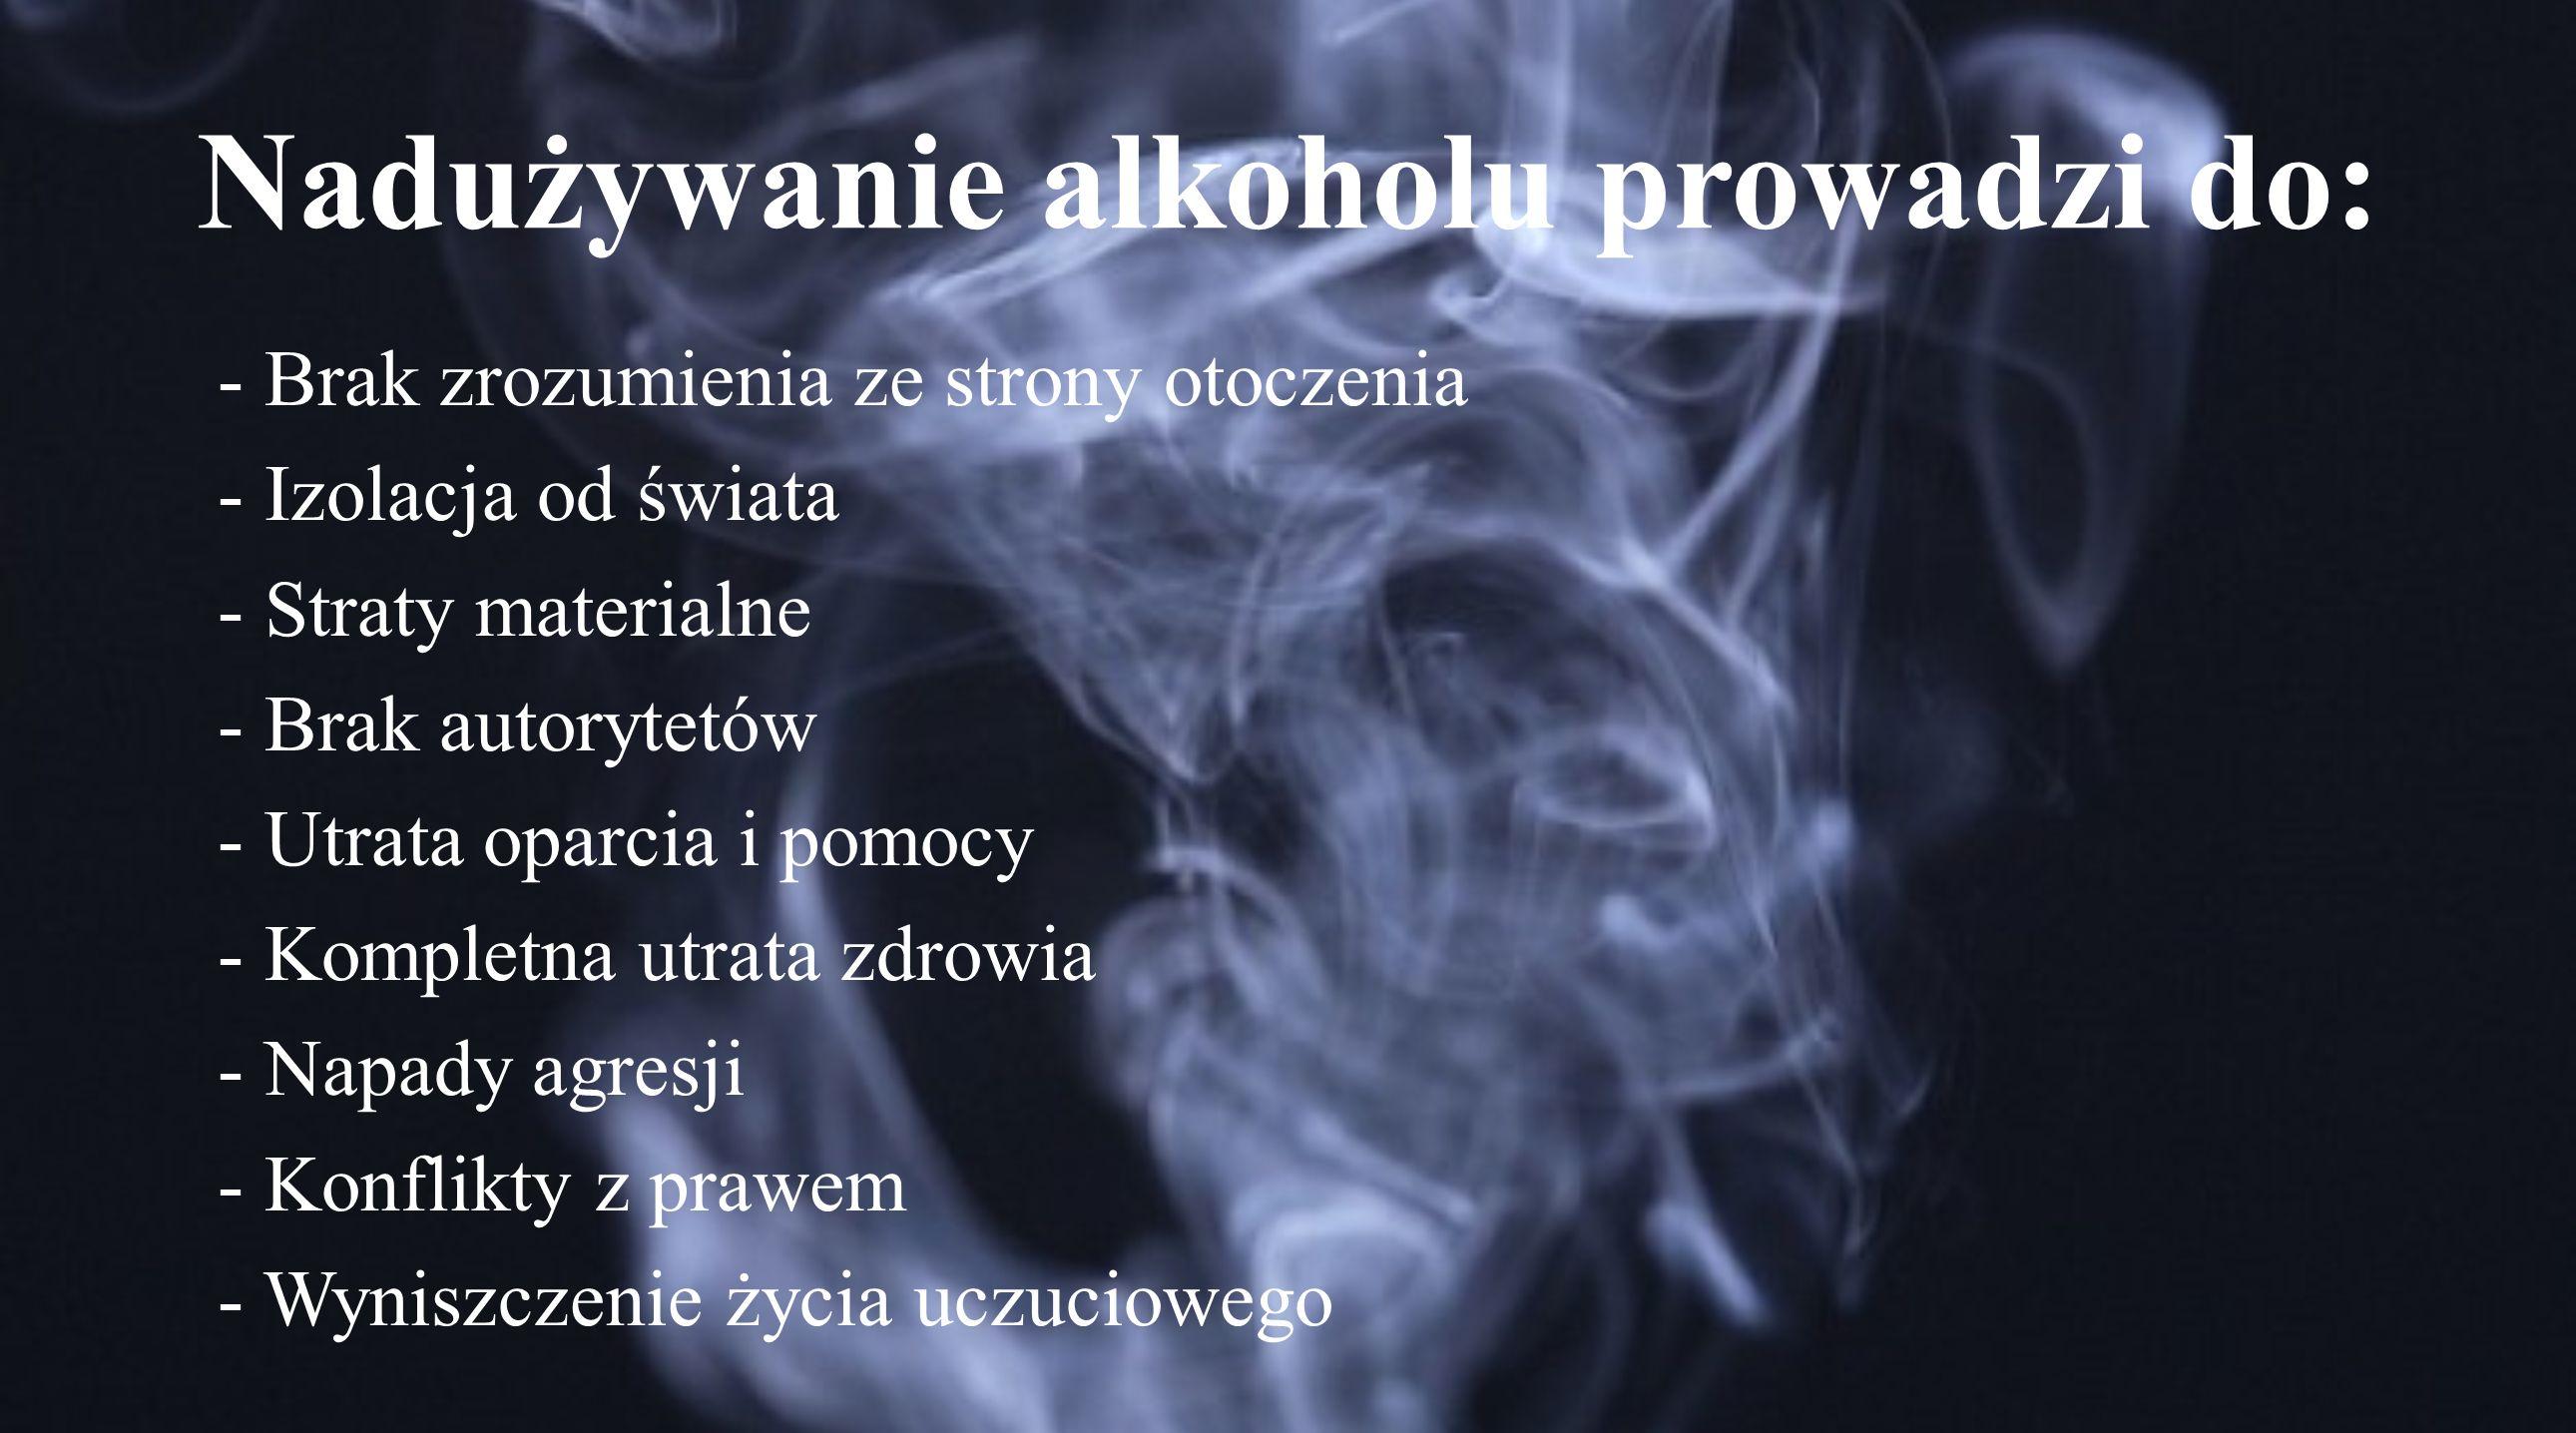 Nadużywanie alkoholu prowadzi do: - Brak zrozumienia ze strony otoczenia - Izolacja od świata - Straty materialne - Brak autorytetów - Utrata oparcia i pomocy - Kompletna utrata zdrowia - Napady agresji - Konflikty z prawem - Wyniszczenie życia uczuciowego